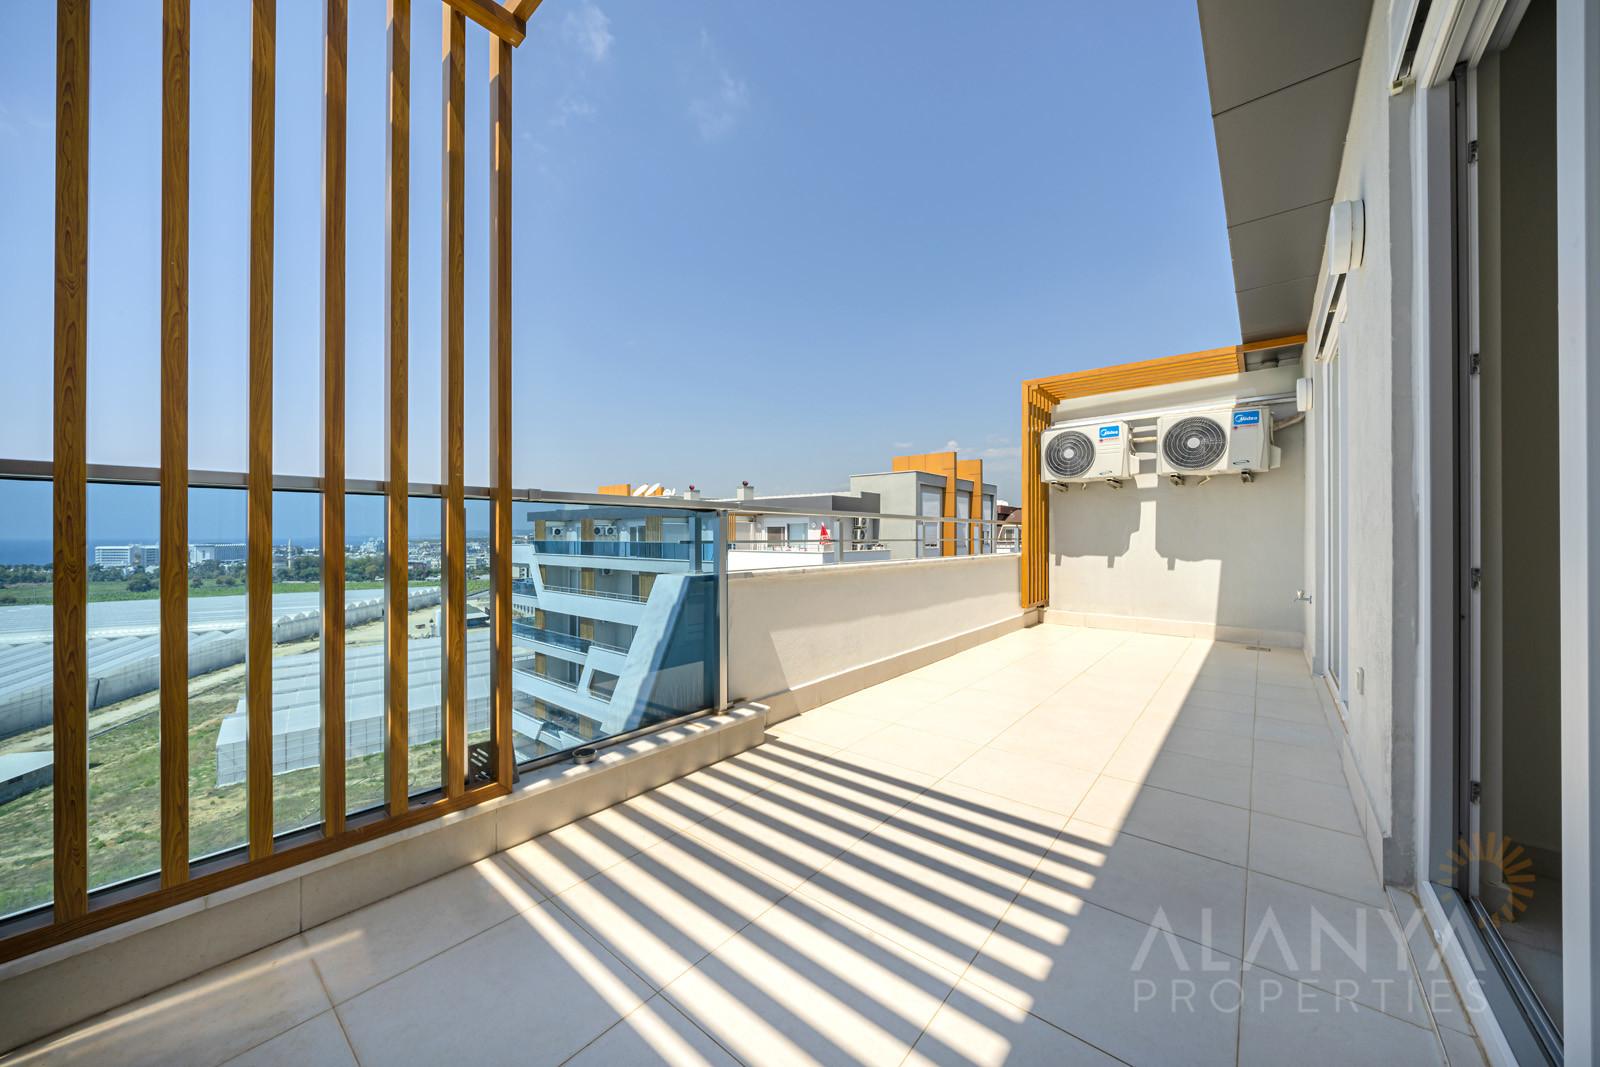 Appartement-penthouse à 2 chambres avec vue unique sur la mer à Avsallar, Alanya